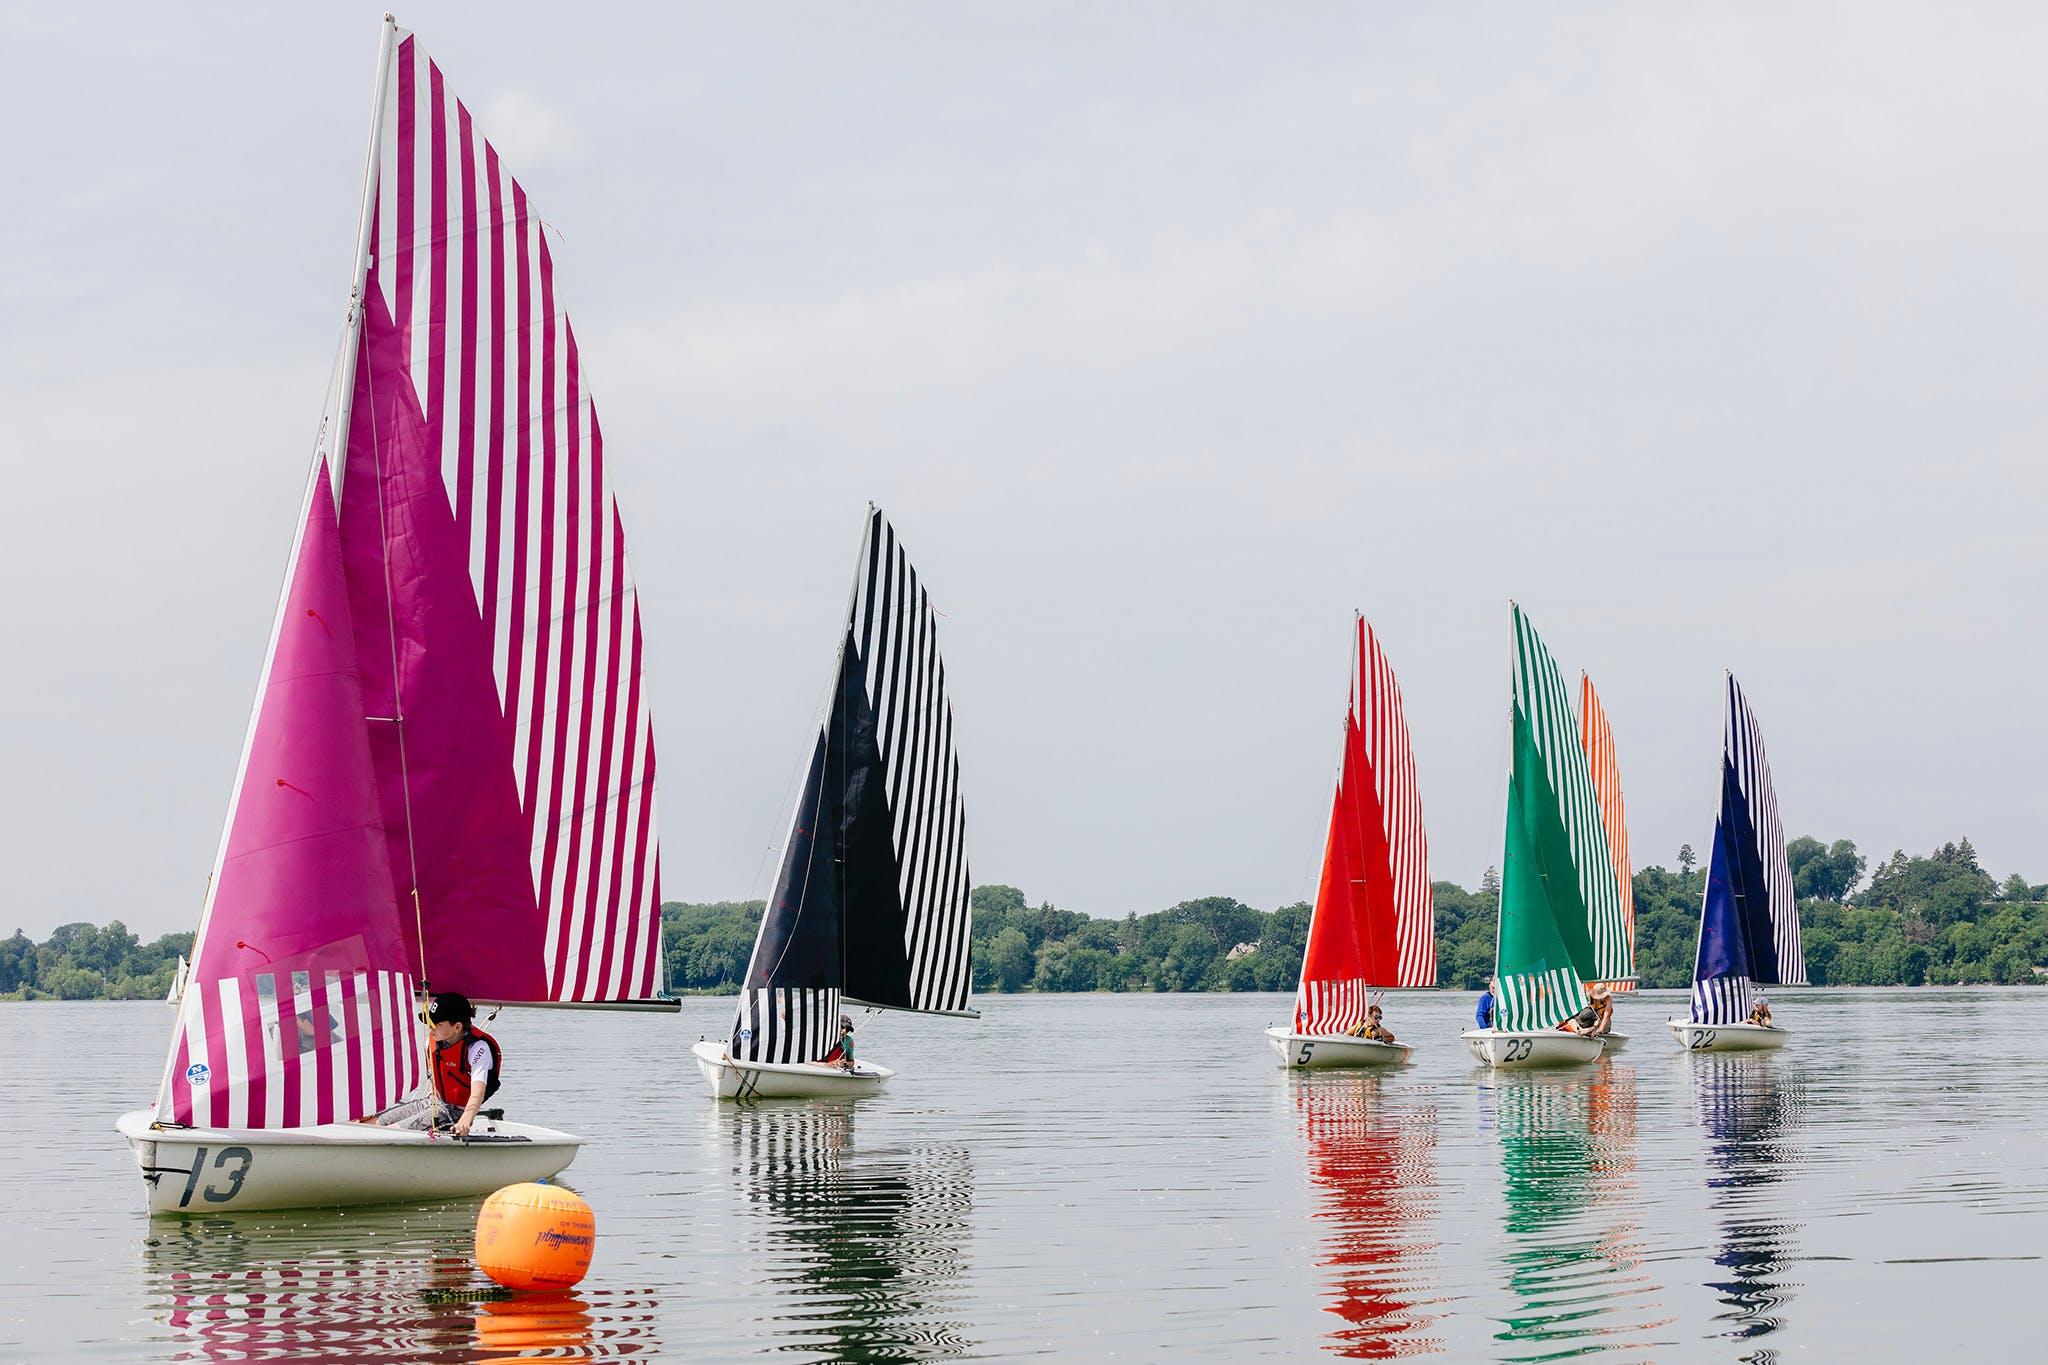 Daniel Buren's sails on sailboats in Lake Bde Maka Ska